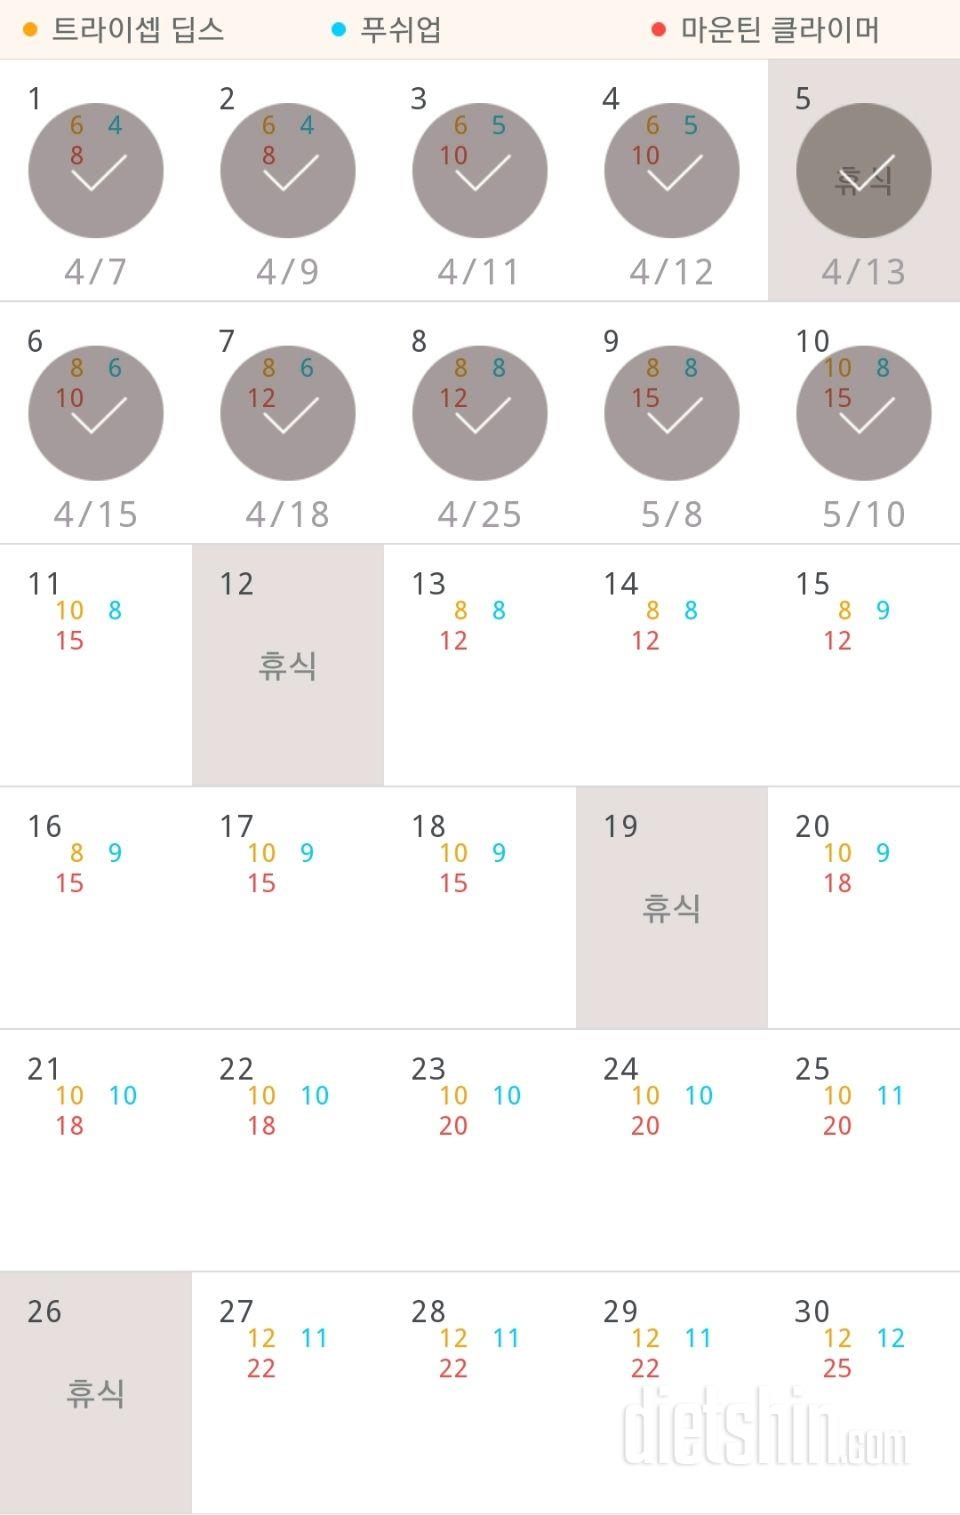 30일 슬림한 팔 10일차 성공!